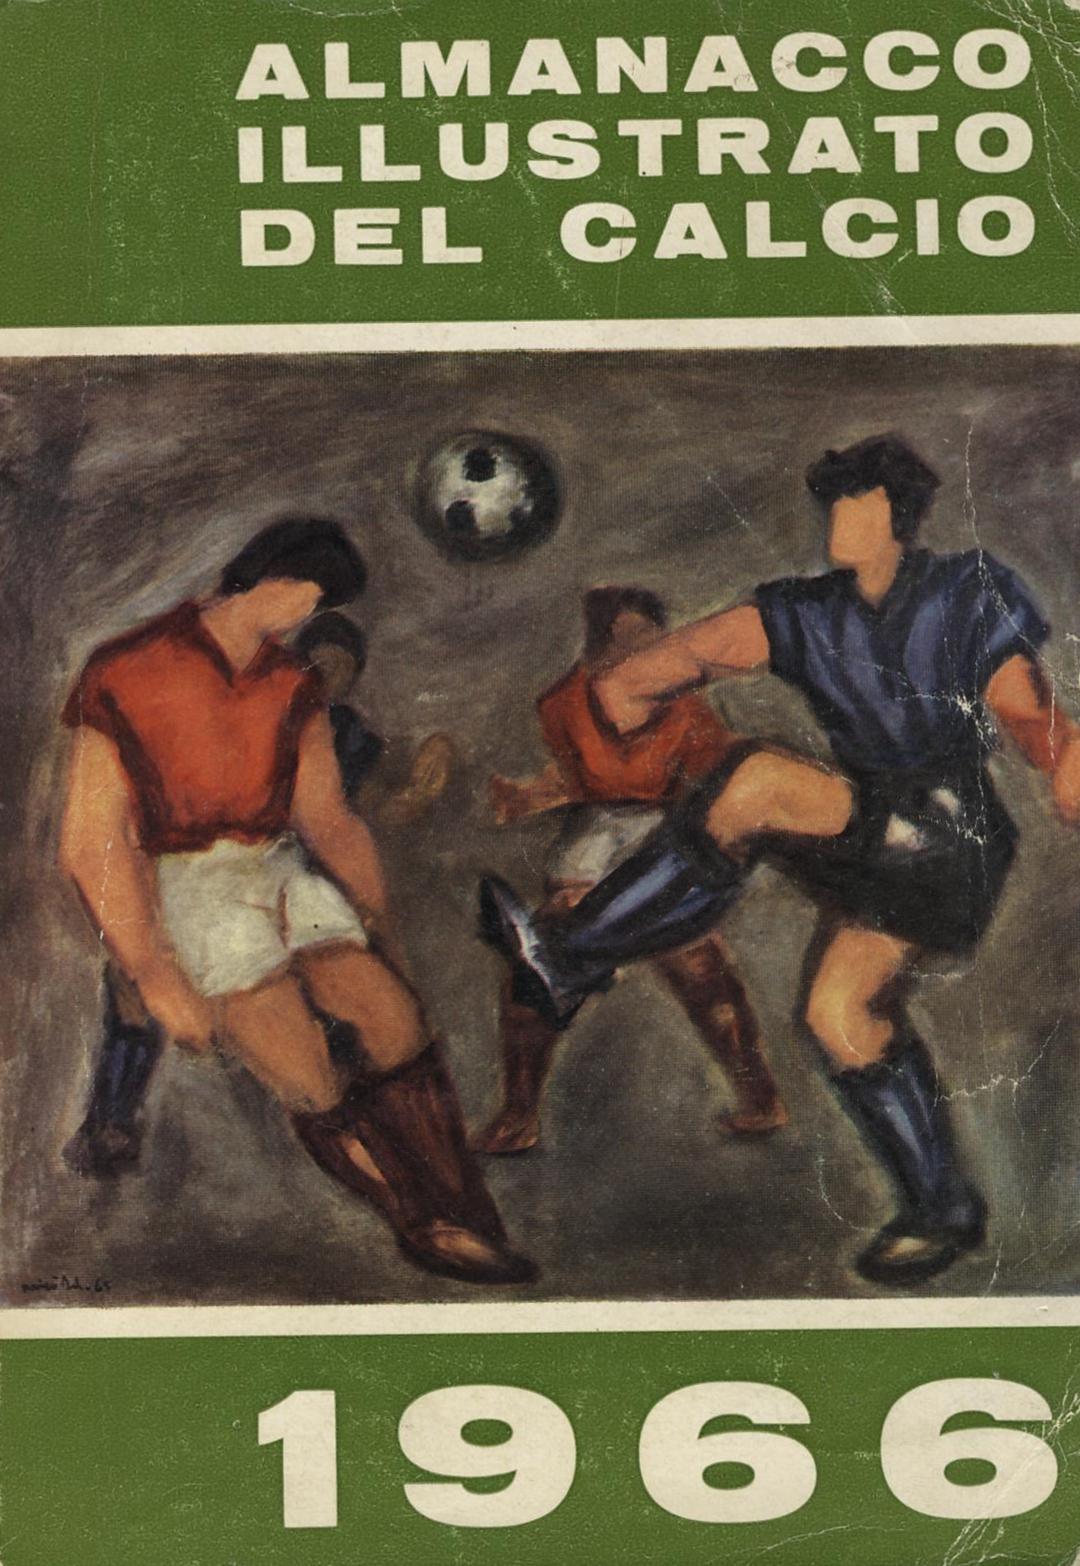 Almanacco illustrato del Calcio 1966